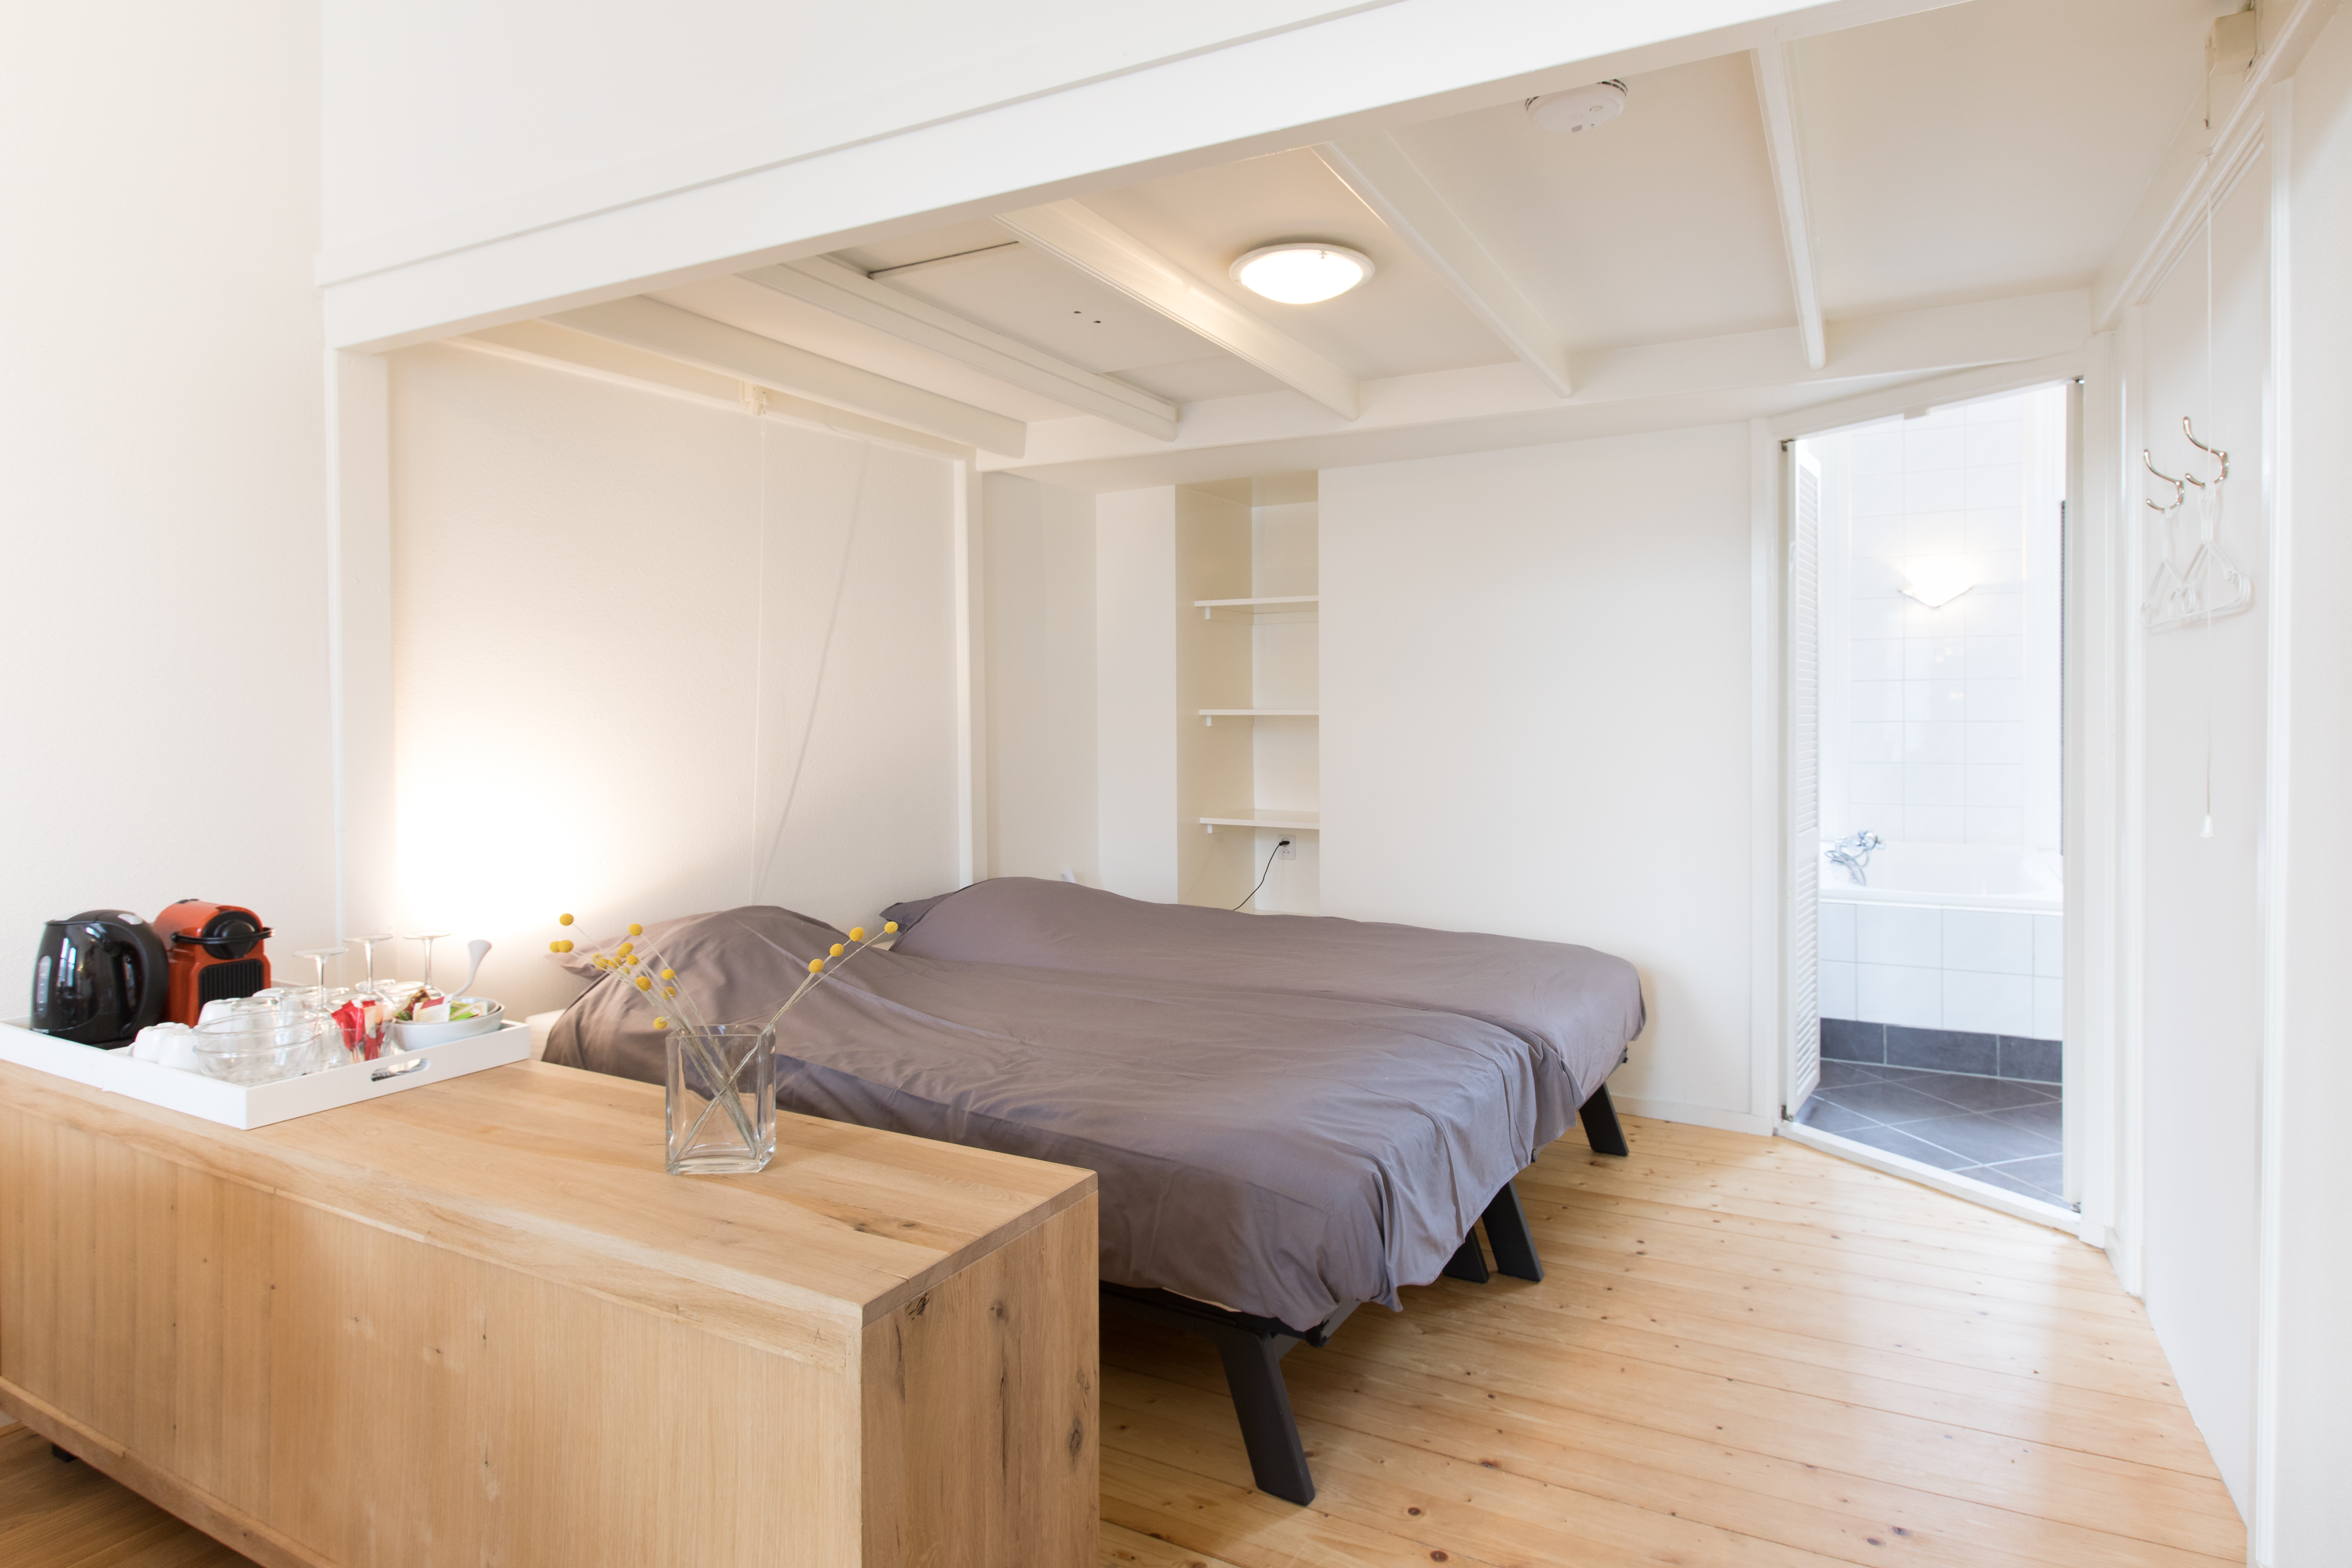 Appartement met 2 slaapkamers en uitzicht op toren, slaapgedeelte